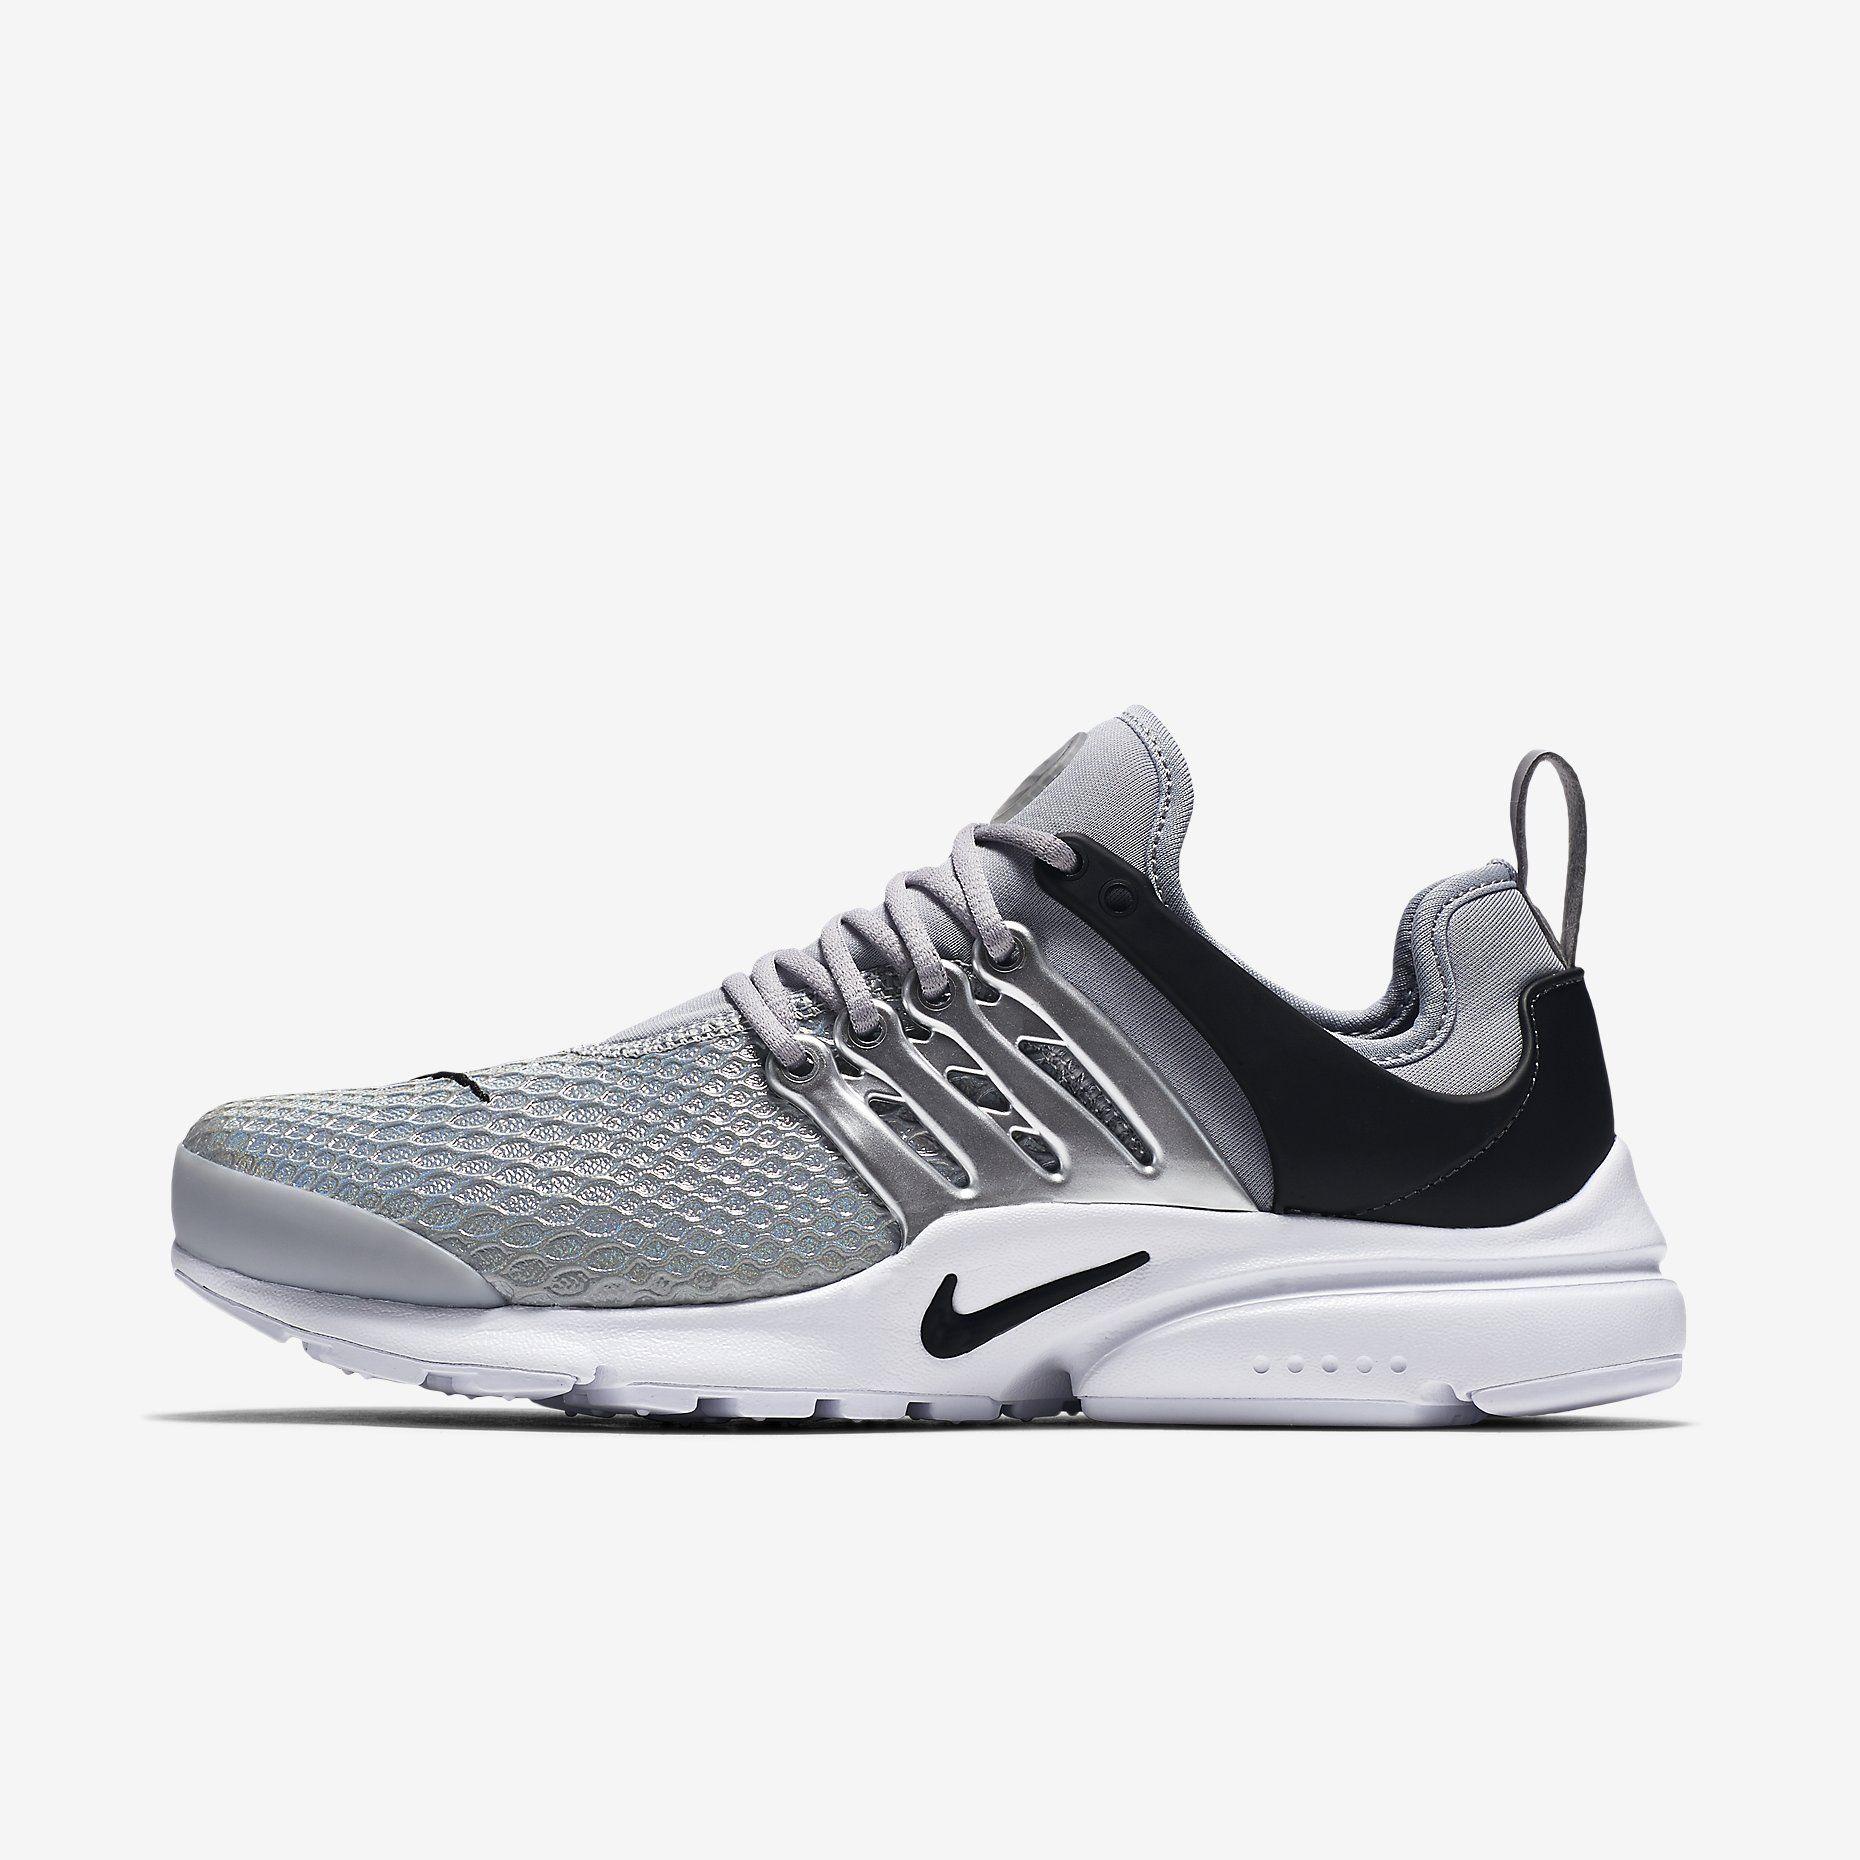 Maintenant, achetez Chaussures Nike Air Presto Femme Vente Bas Prix  Maestriamanuelles France Boutique 784123902 Livraison Gratuite Économisez  du magasin ...